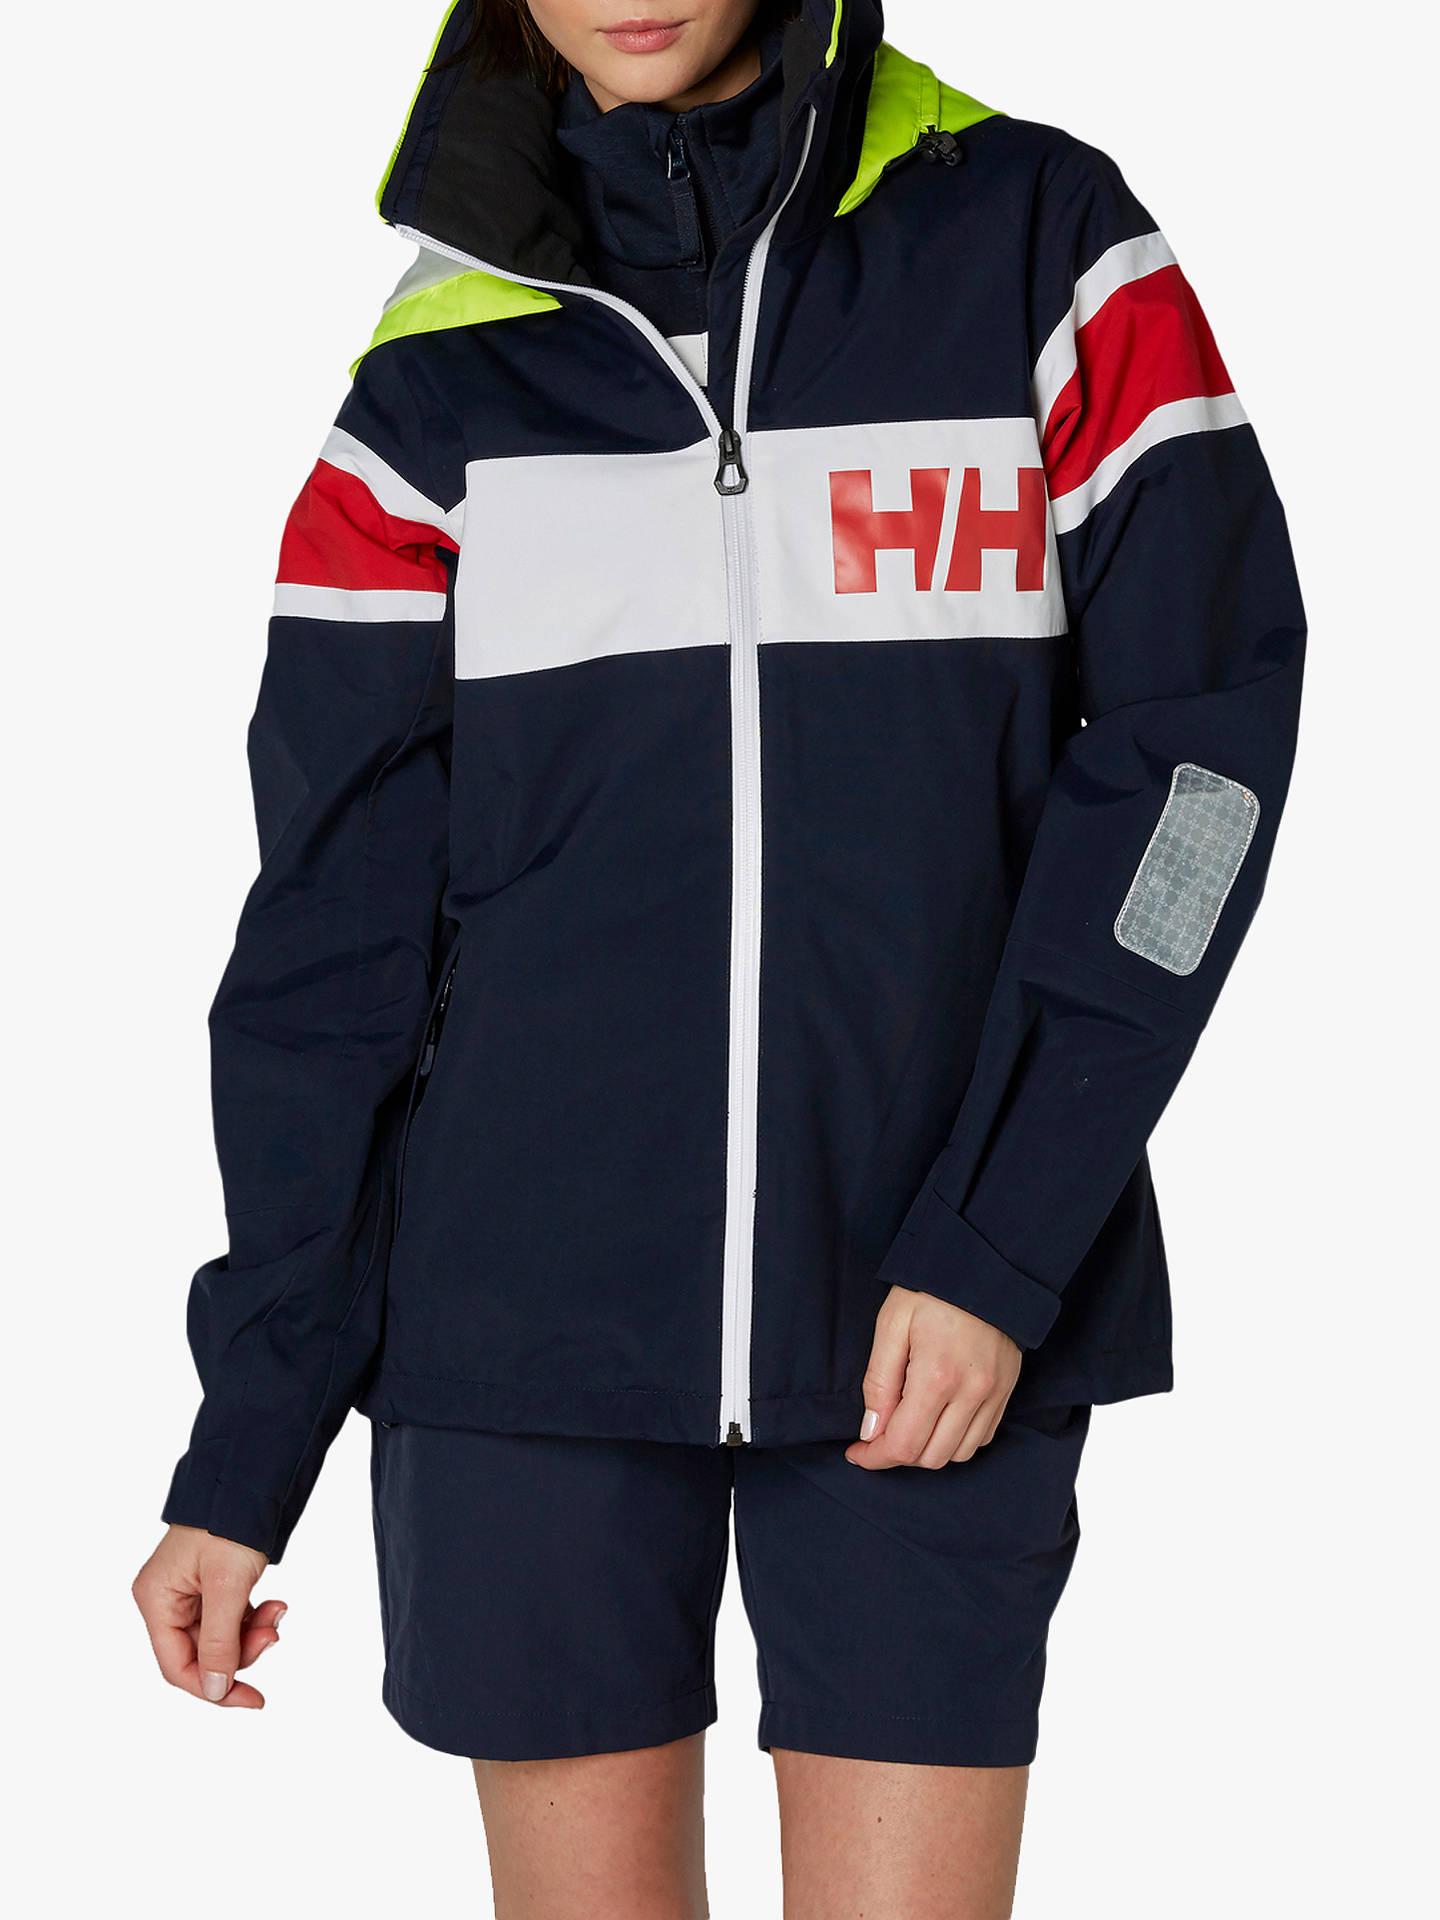 ensimmäinen katsaus halpa lenkkarit halpaa Helly Hansen Salt Jacket, Navy at John Lewis & Partners